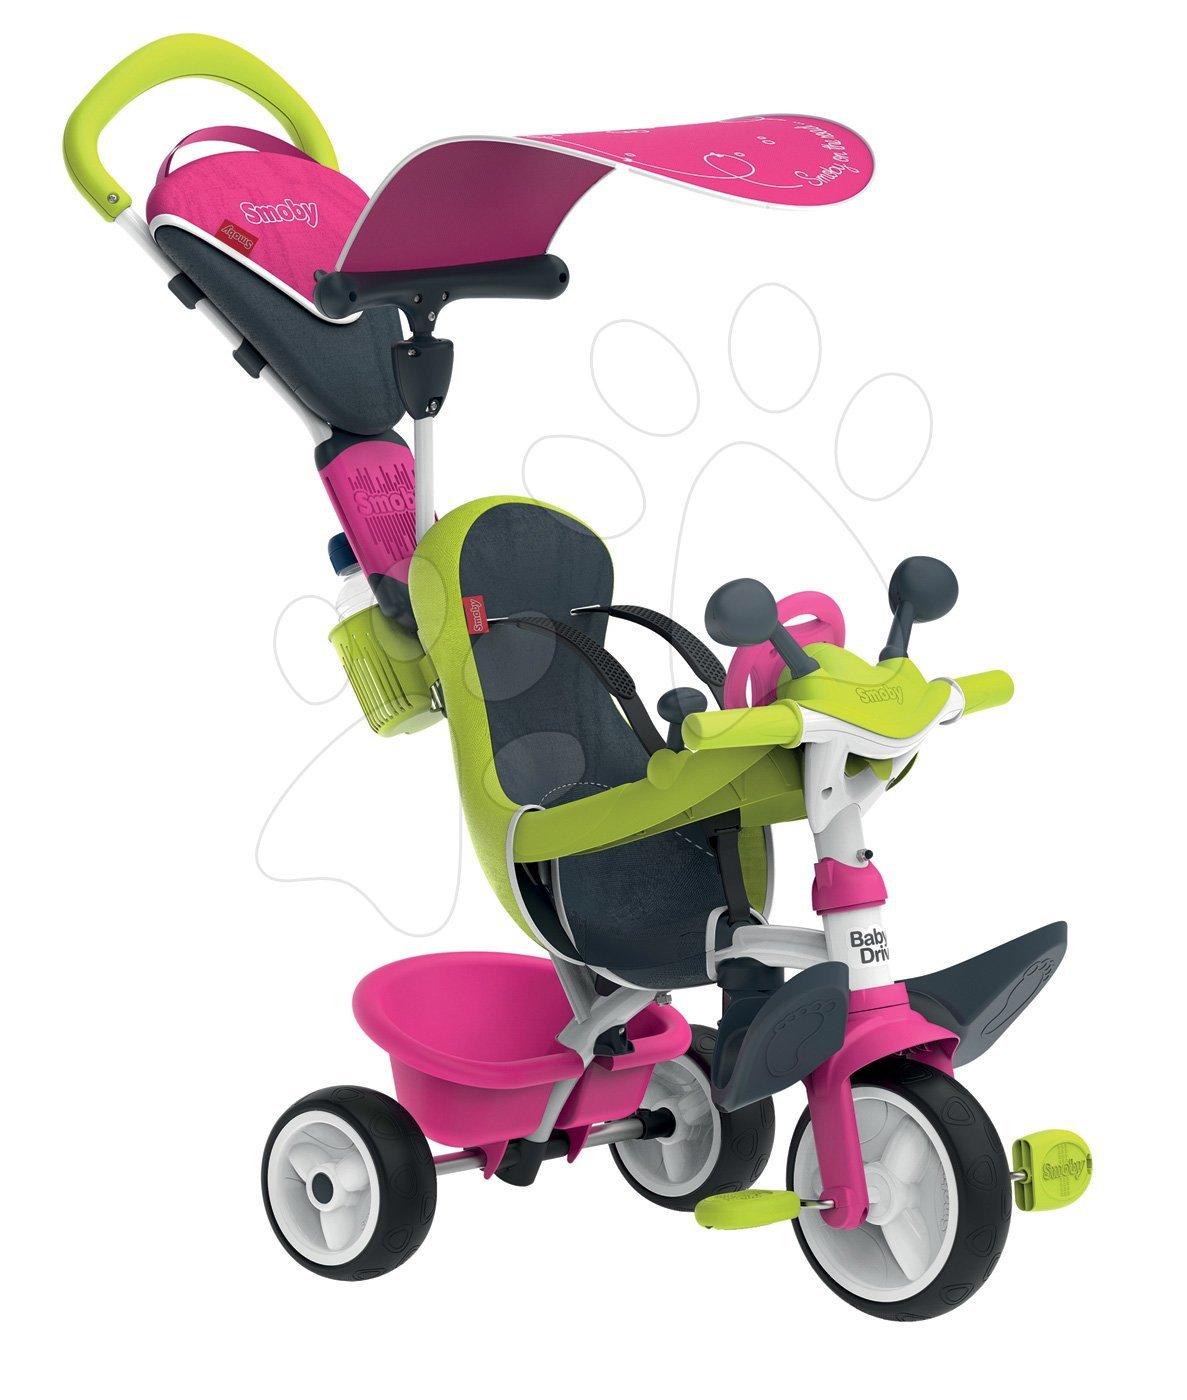 Tricicletă cu husă Baby Driver Comfort Pink Smoby cu roţi EVA şi cu ghidare intuitivă roz